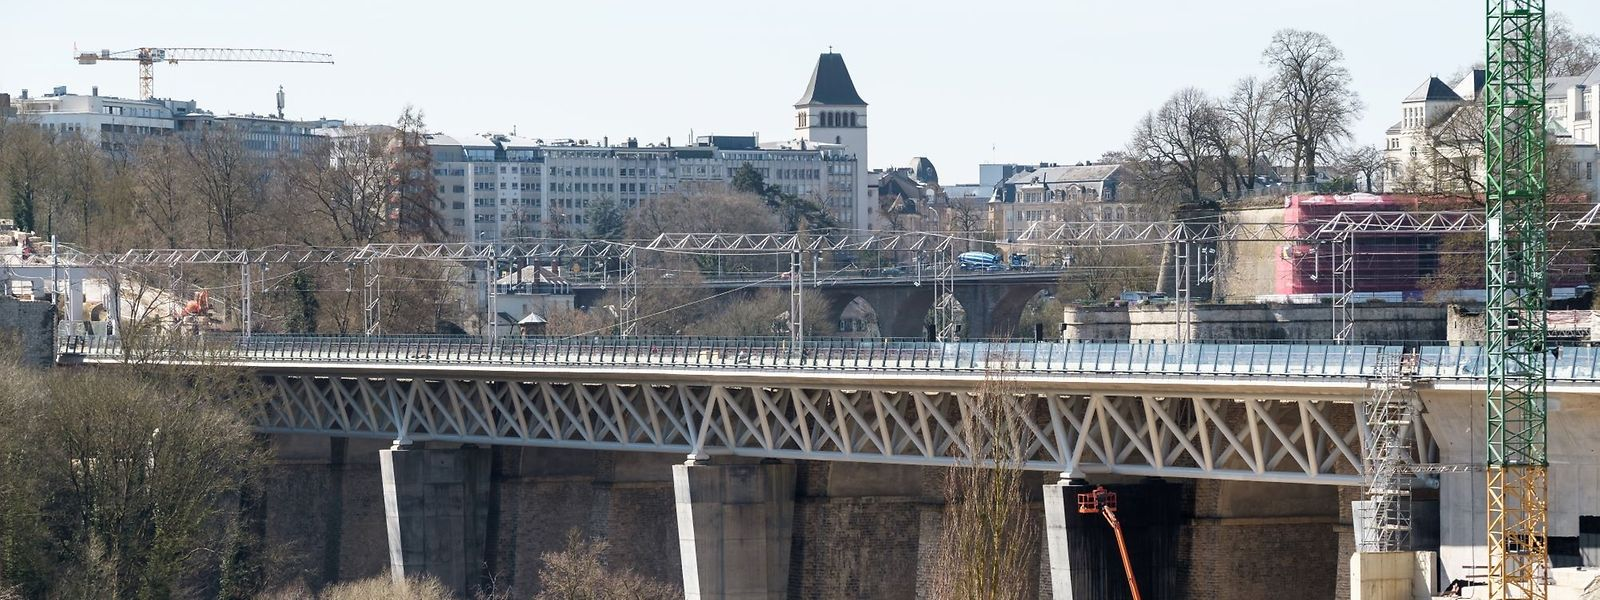 Long de 242 mètres, le nouvel ouvrage met ainsi fin à des décennies de congestion aux accès Nord et Est à la gare de Luxembourg-Ville.